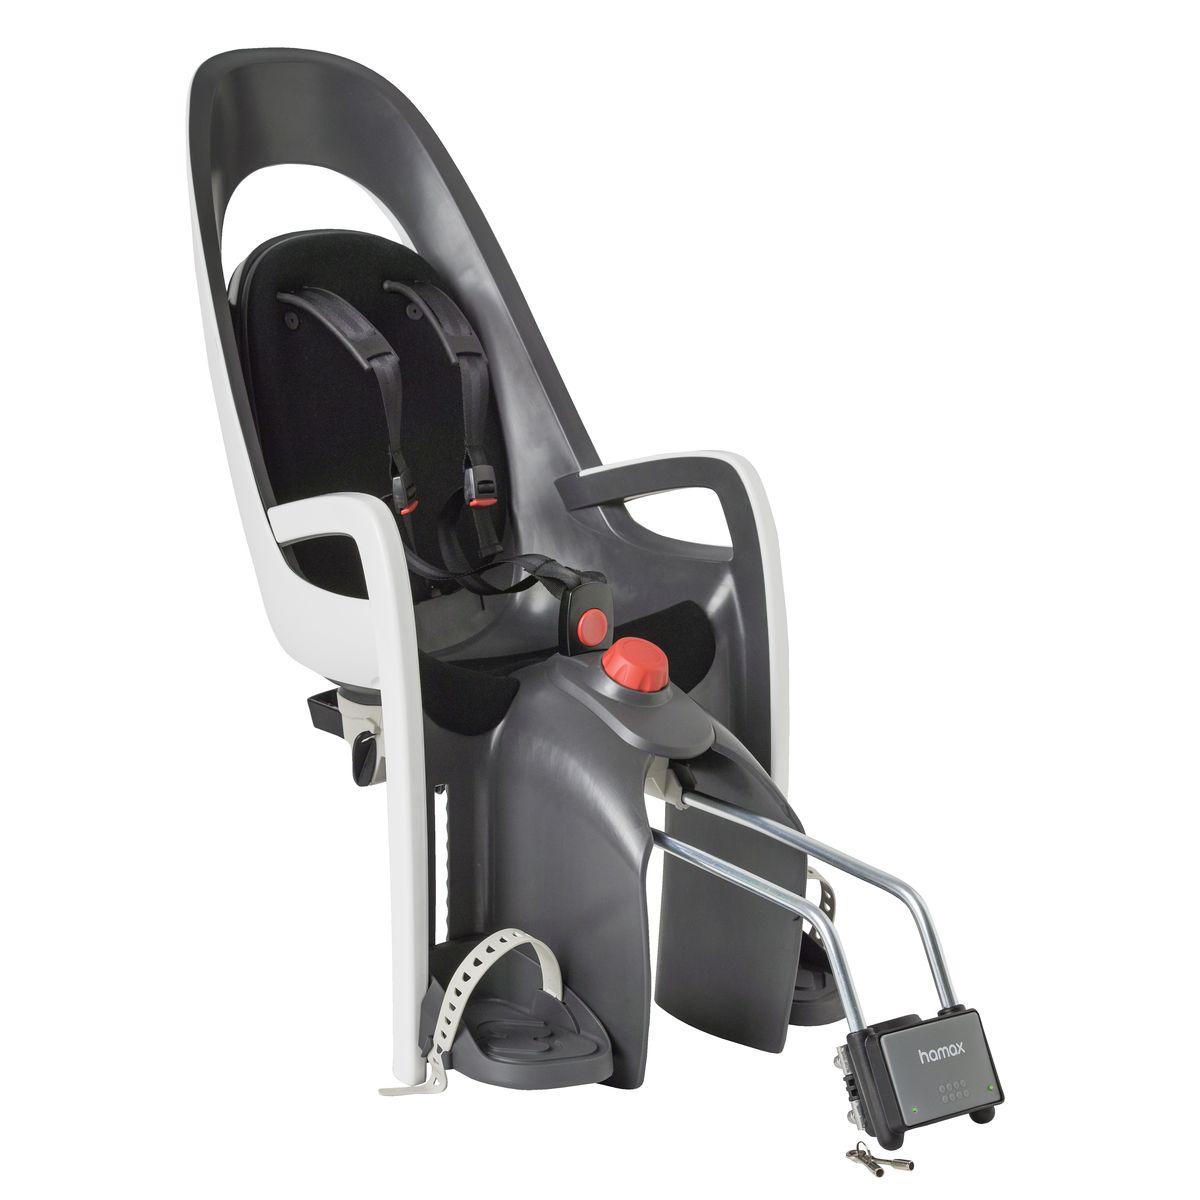 Детское кресло Hamax Caress W/Lockable Bracket, цвет: серый, белый, черный